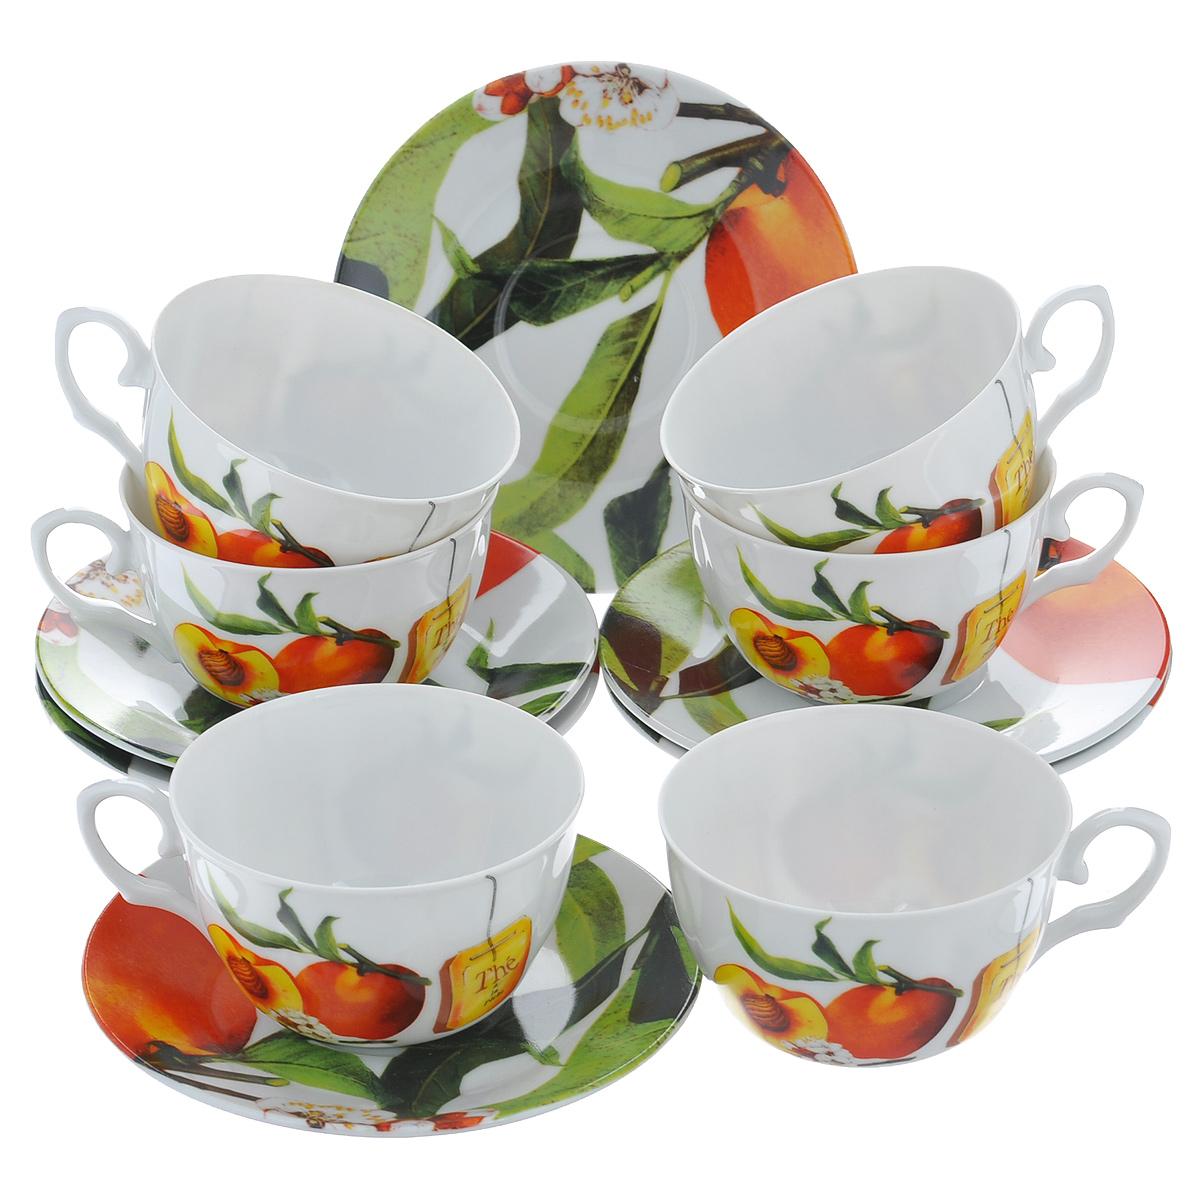 Набор чайный Larange Персик, 12 предметов586-249Чайный набор Персик, выполненный из высококачественного фарфора, состоит из шести чашек и шести блюдец. Изделия декорированы изображением персиков. Элегантный дизайн и совершенные формы предметов набора привлекут к себе внимание и украсят интерьер вашей кухни. Чайный набор Персик идеально подойдет для сервировки стола и станет отличным подарком к любому празднику.Чайный набор упакован в круглую подарочную коробку из плотного картона лимонного цвета. Внутренняя часть коробки задрапирована белой атласной тканью, и каждый предмет надежно крепится в определенном положении благодаря особым выемкам в коробке. Не использовать в микроволновой печи. Не применять абразивные чистящие вещества. Объем чашки: 225 мл.Диаметр чашки по верхнему краю: 9,5 см.Высота чашки: 6 см.Диаметр блюдца: 14,5 см.